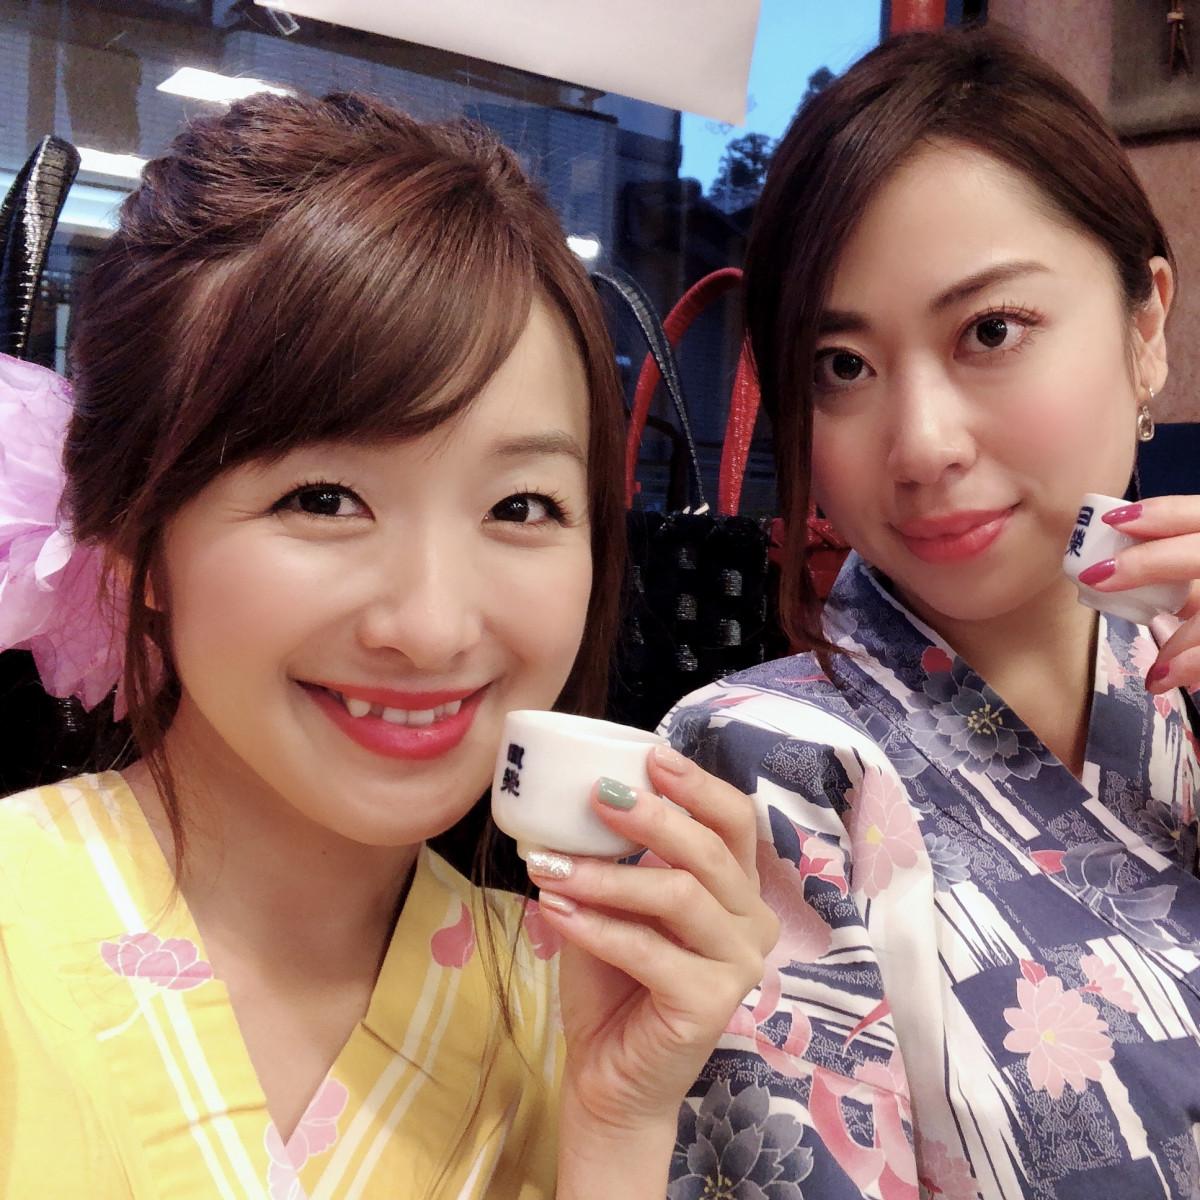 【女子旅】贅沢温泉宿で浴衣女子旅!美味すぎる日本酒情報も*吉祥やまなかレポート前編_1_5